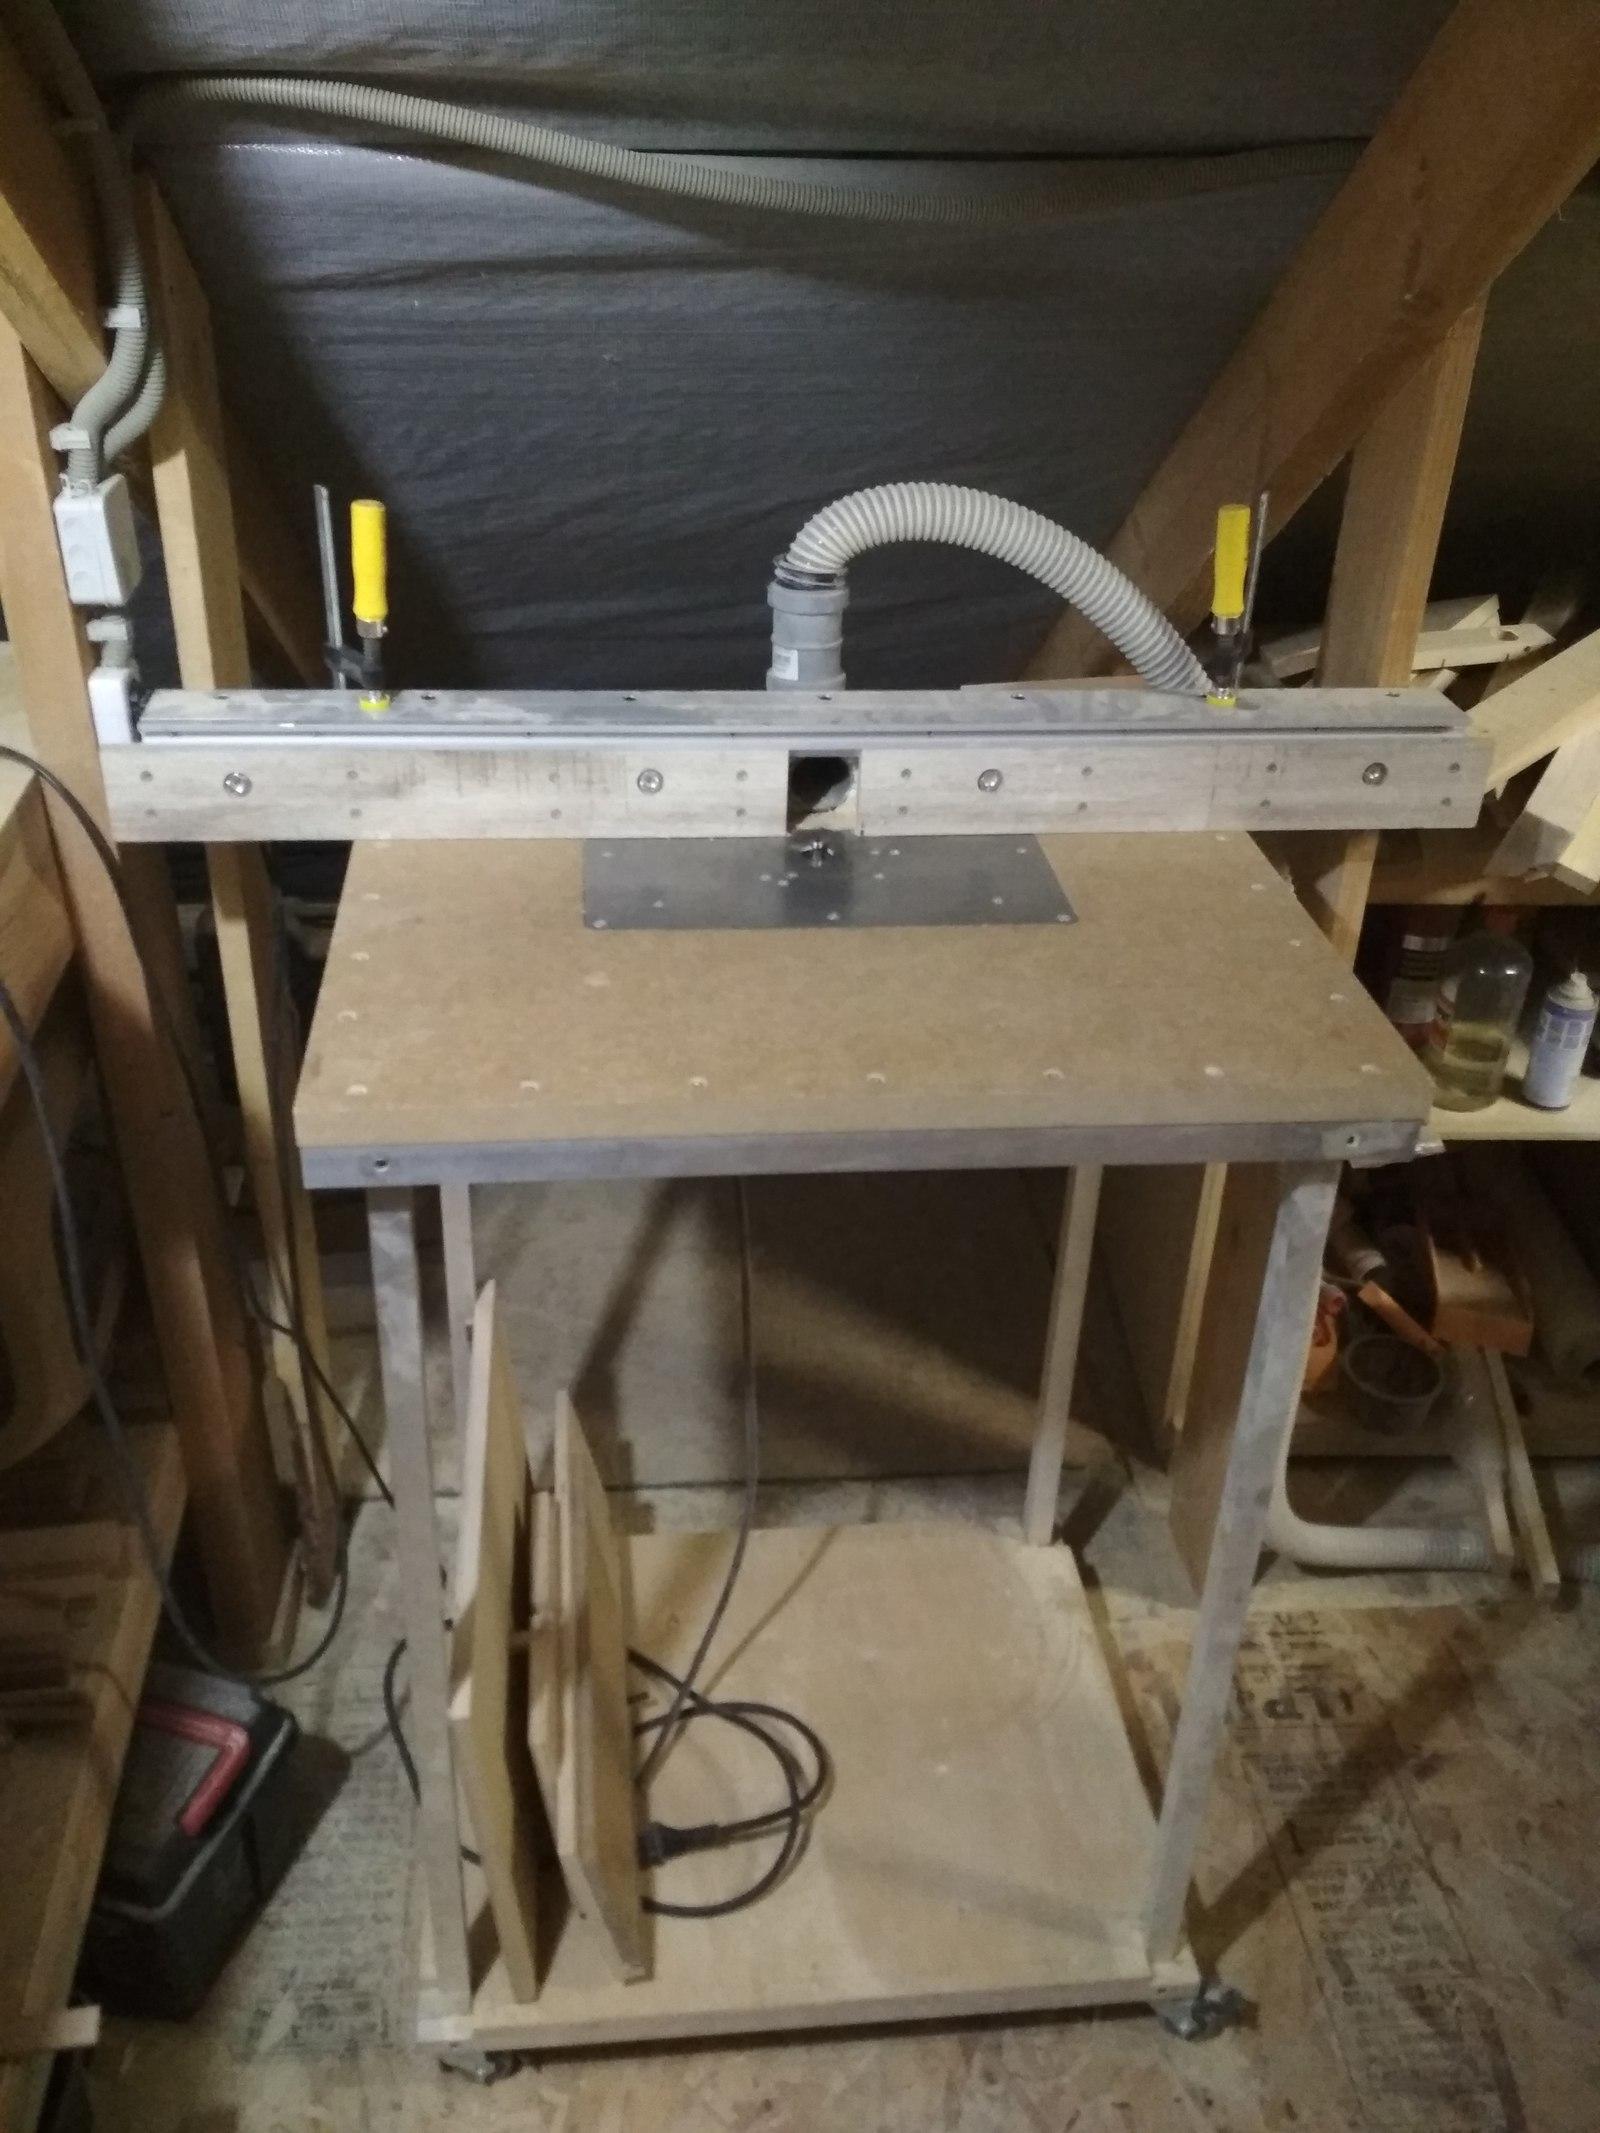 Бытовая столярка: оборудование домашней мастерской по дереву — рекомендации по выбору помещения и оснащению